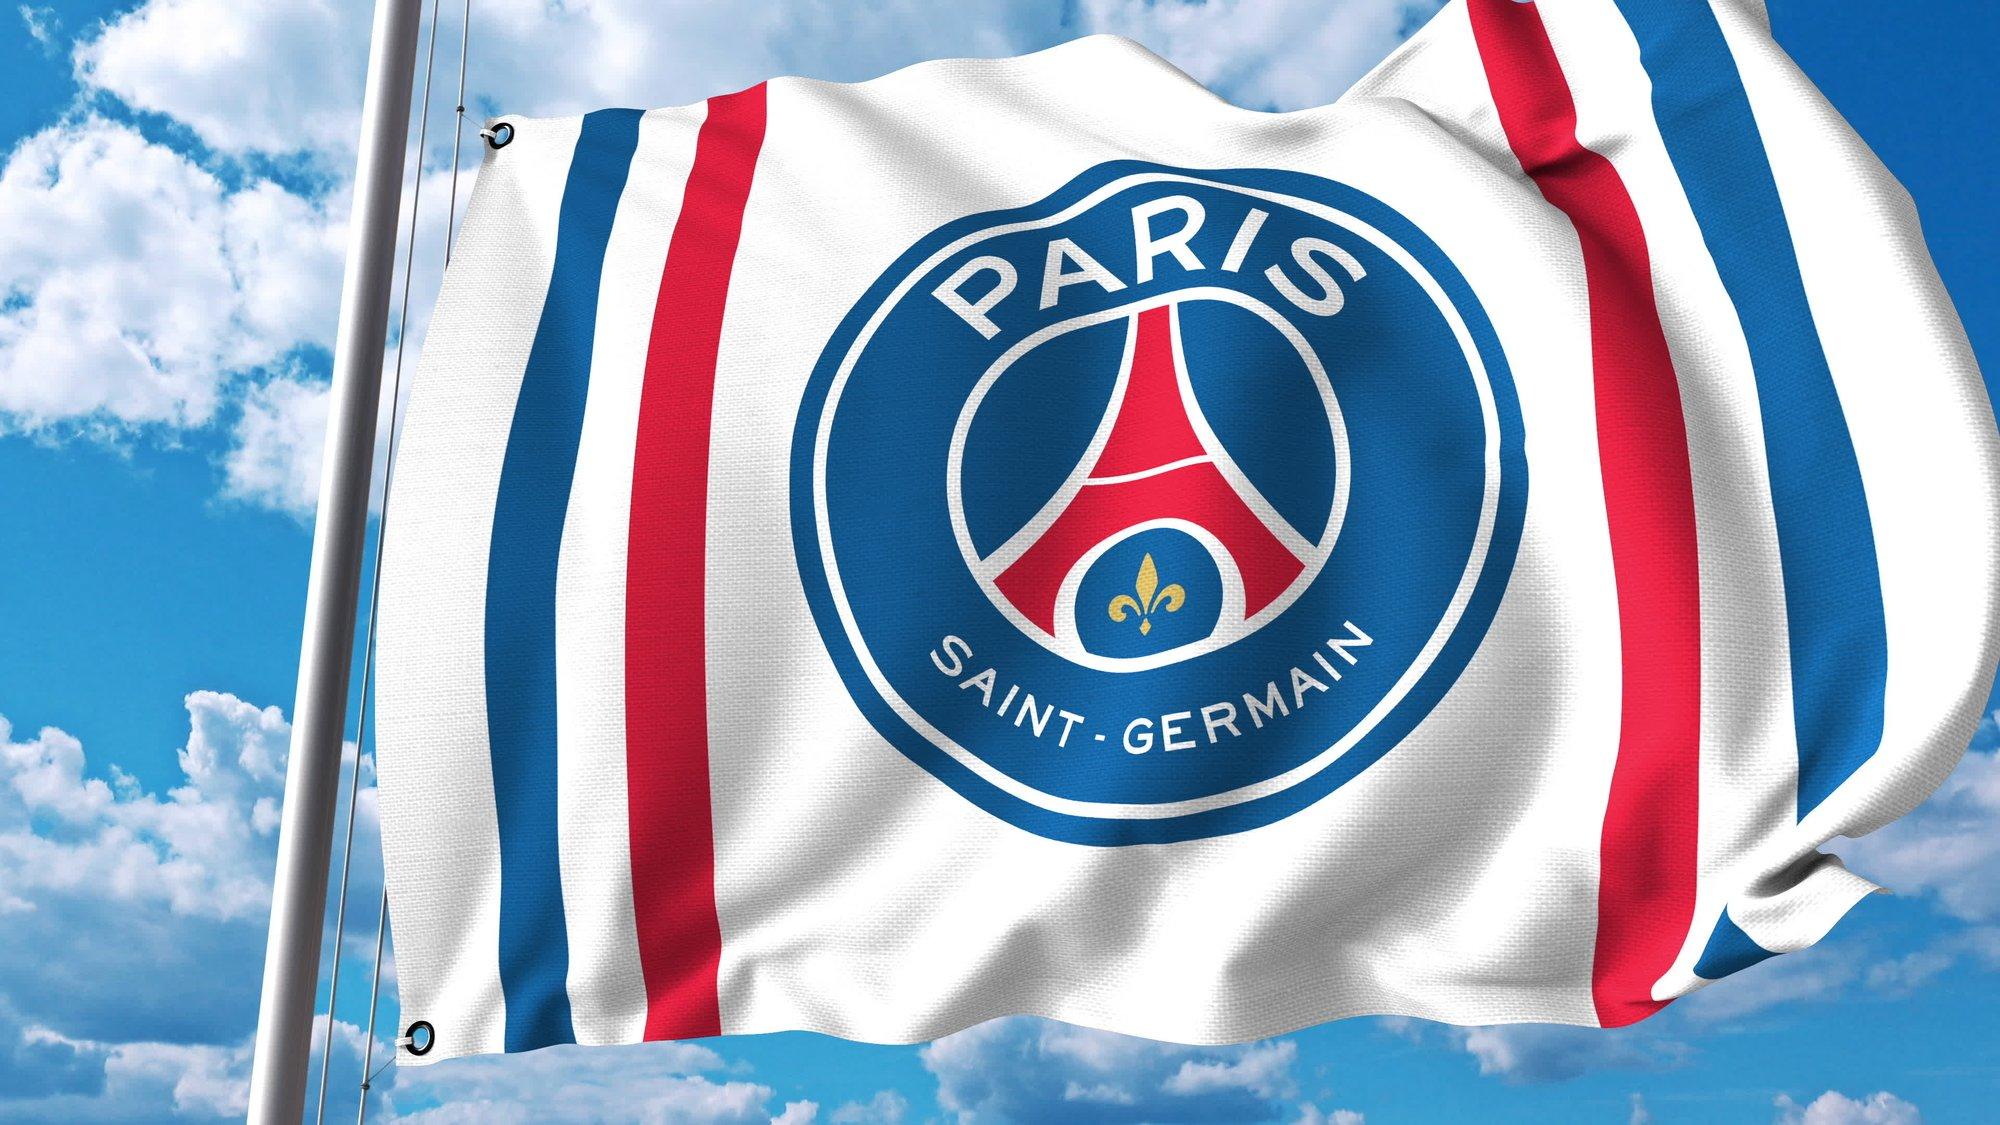 Президент «ПСЖ» Аль-Хелайфи о Суперлиге: футбол — спорт для всех